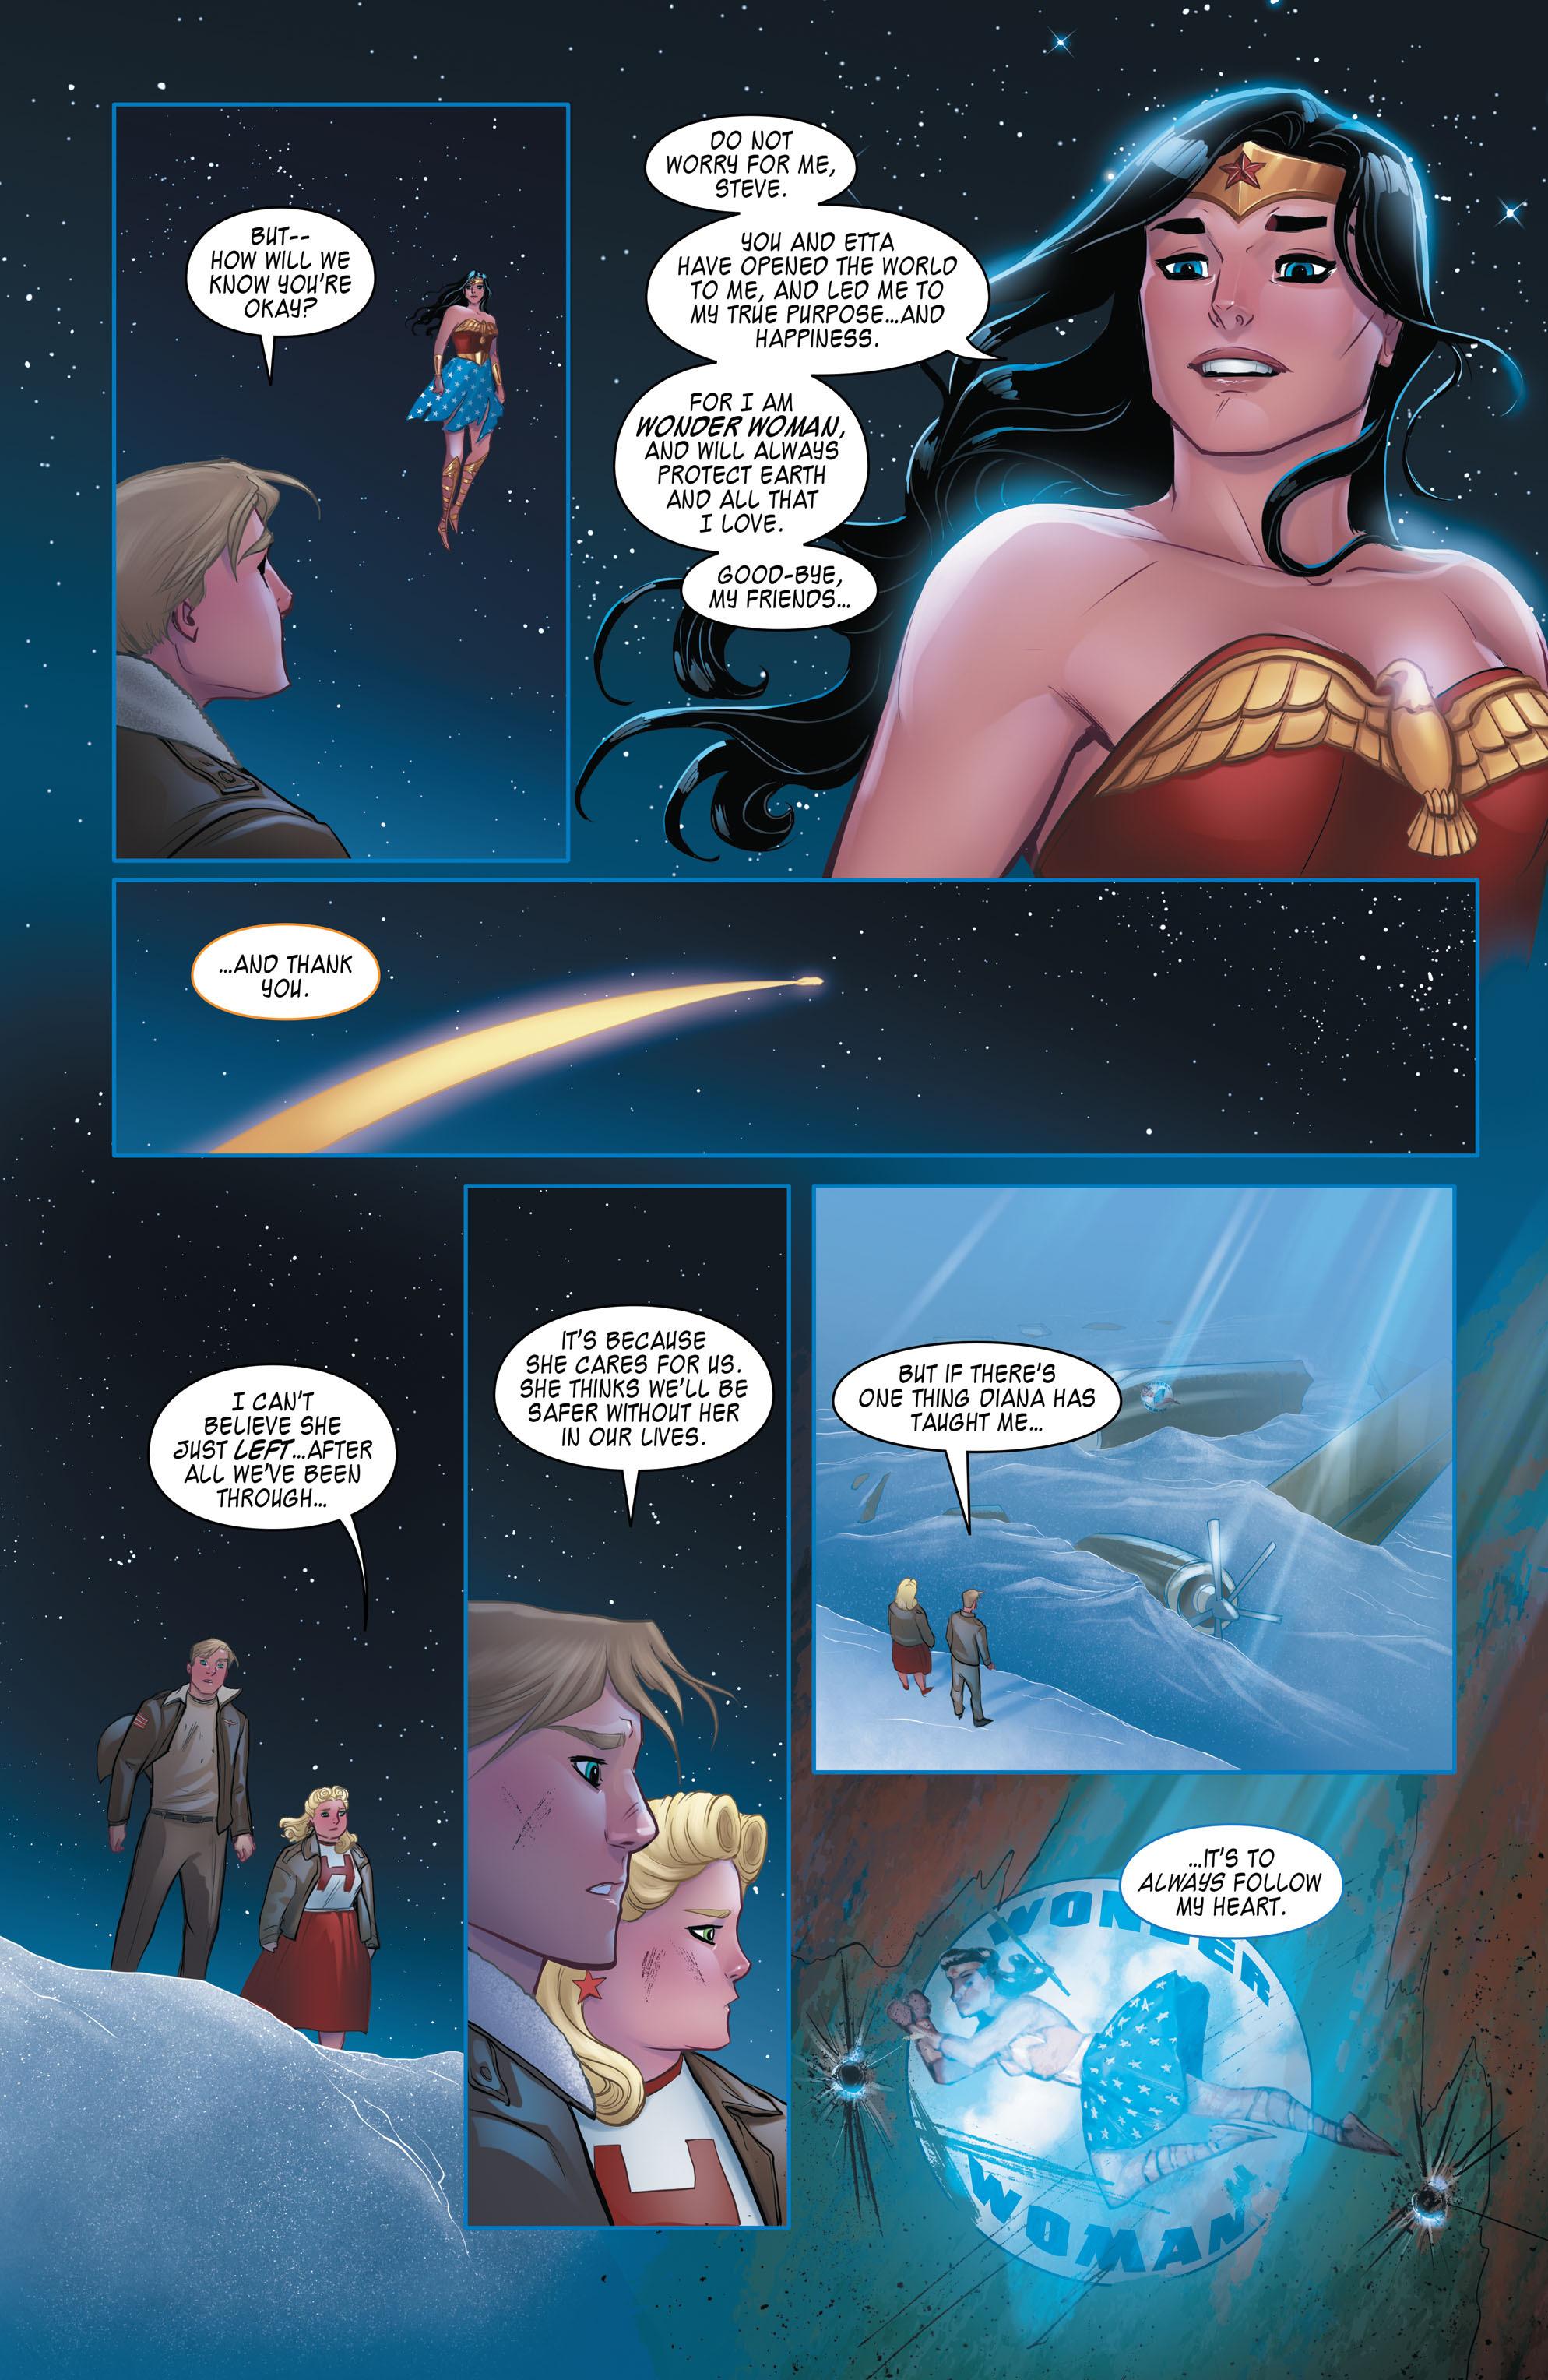 神奇女侠传说Vol。 : Chapter 1 - Page 神奇女侠传说Vol。